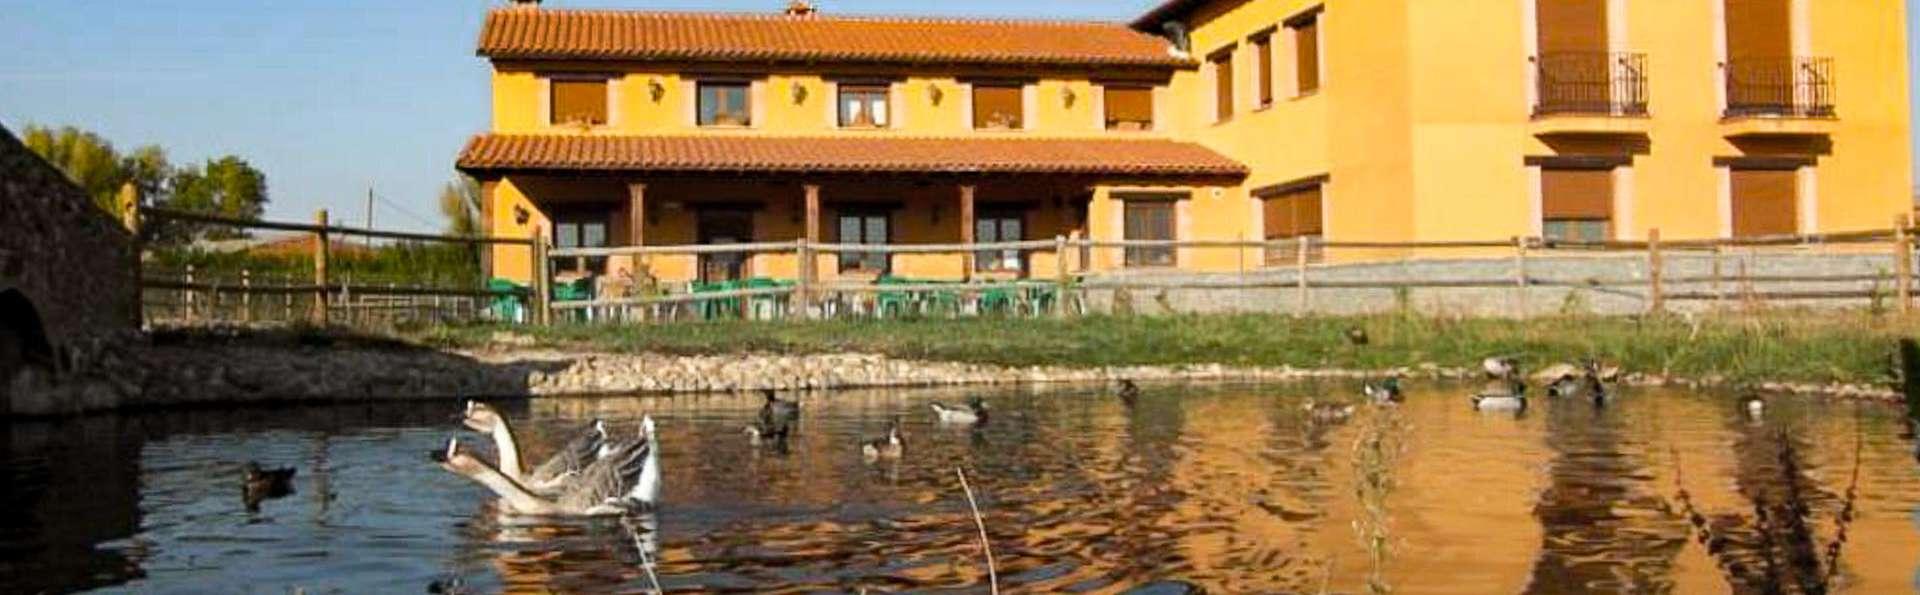 Hospedería Los Reales - EDIT_EXTERIOR_04.jpg